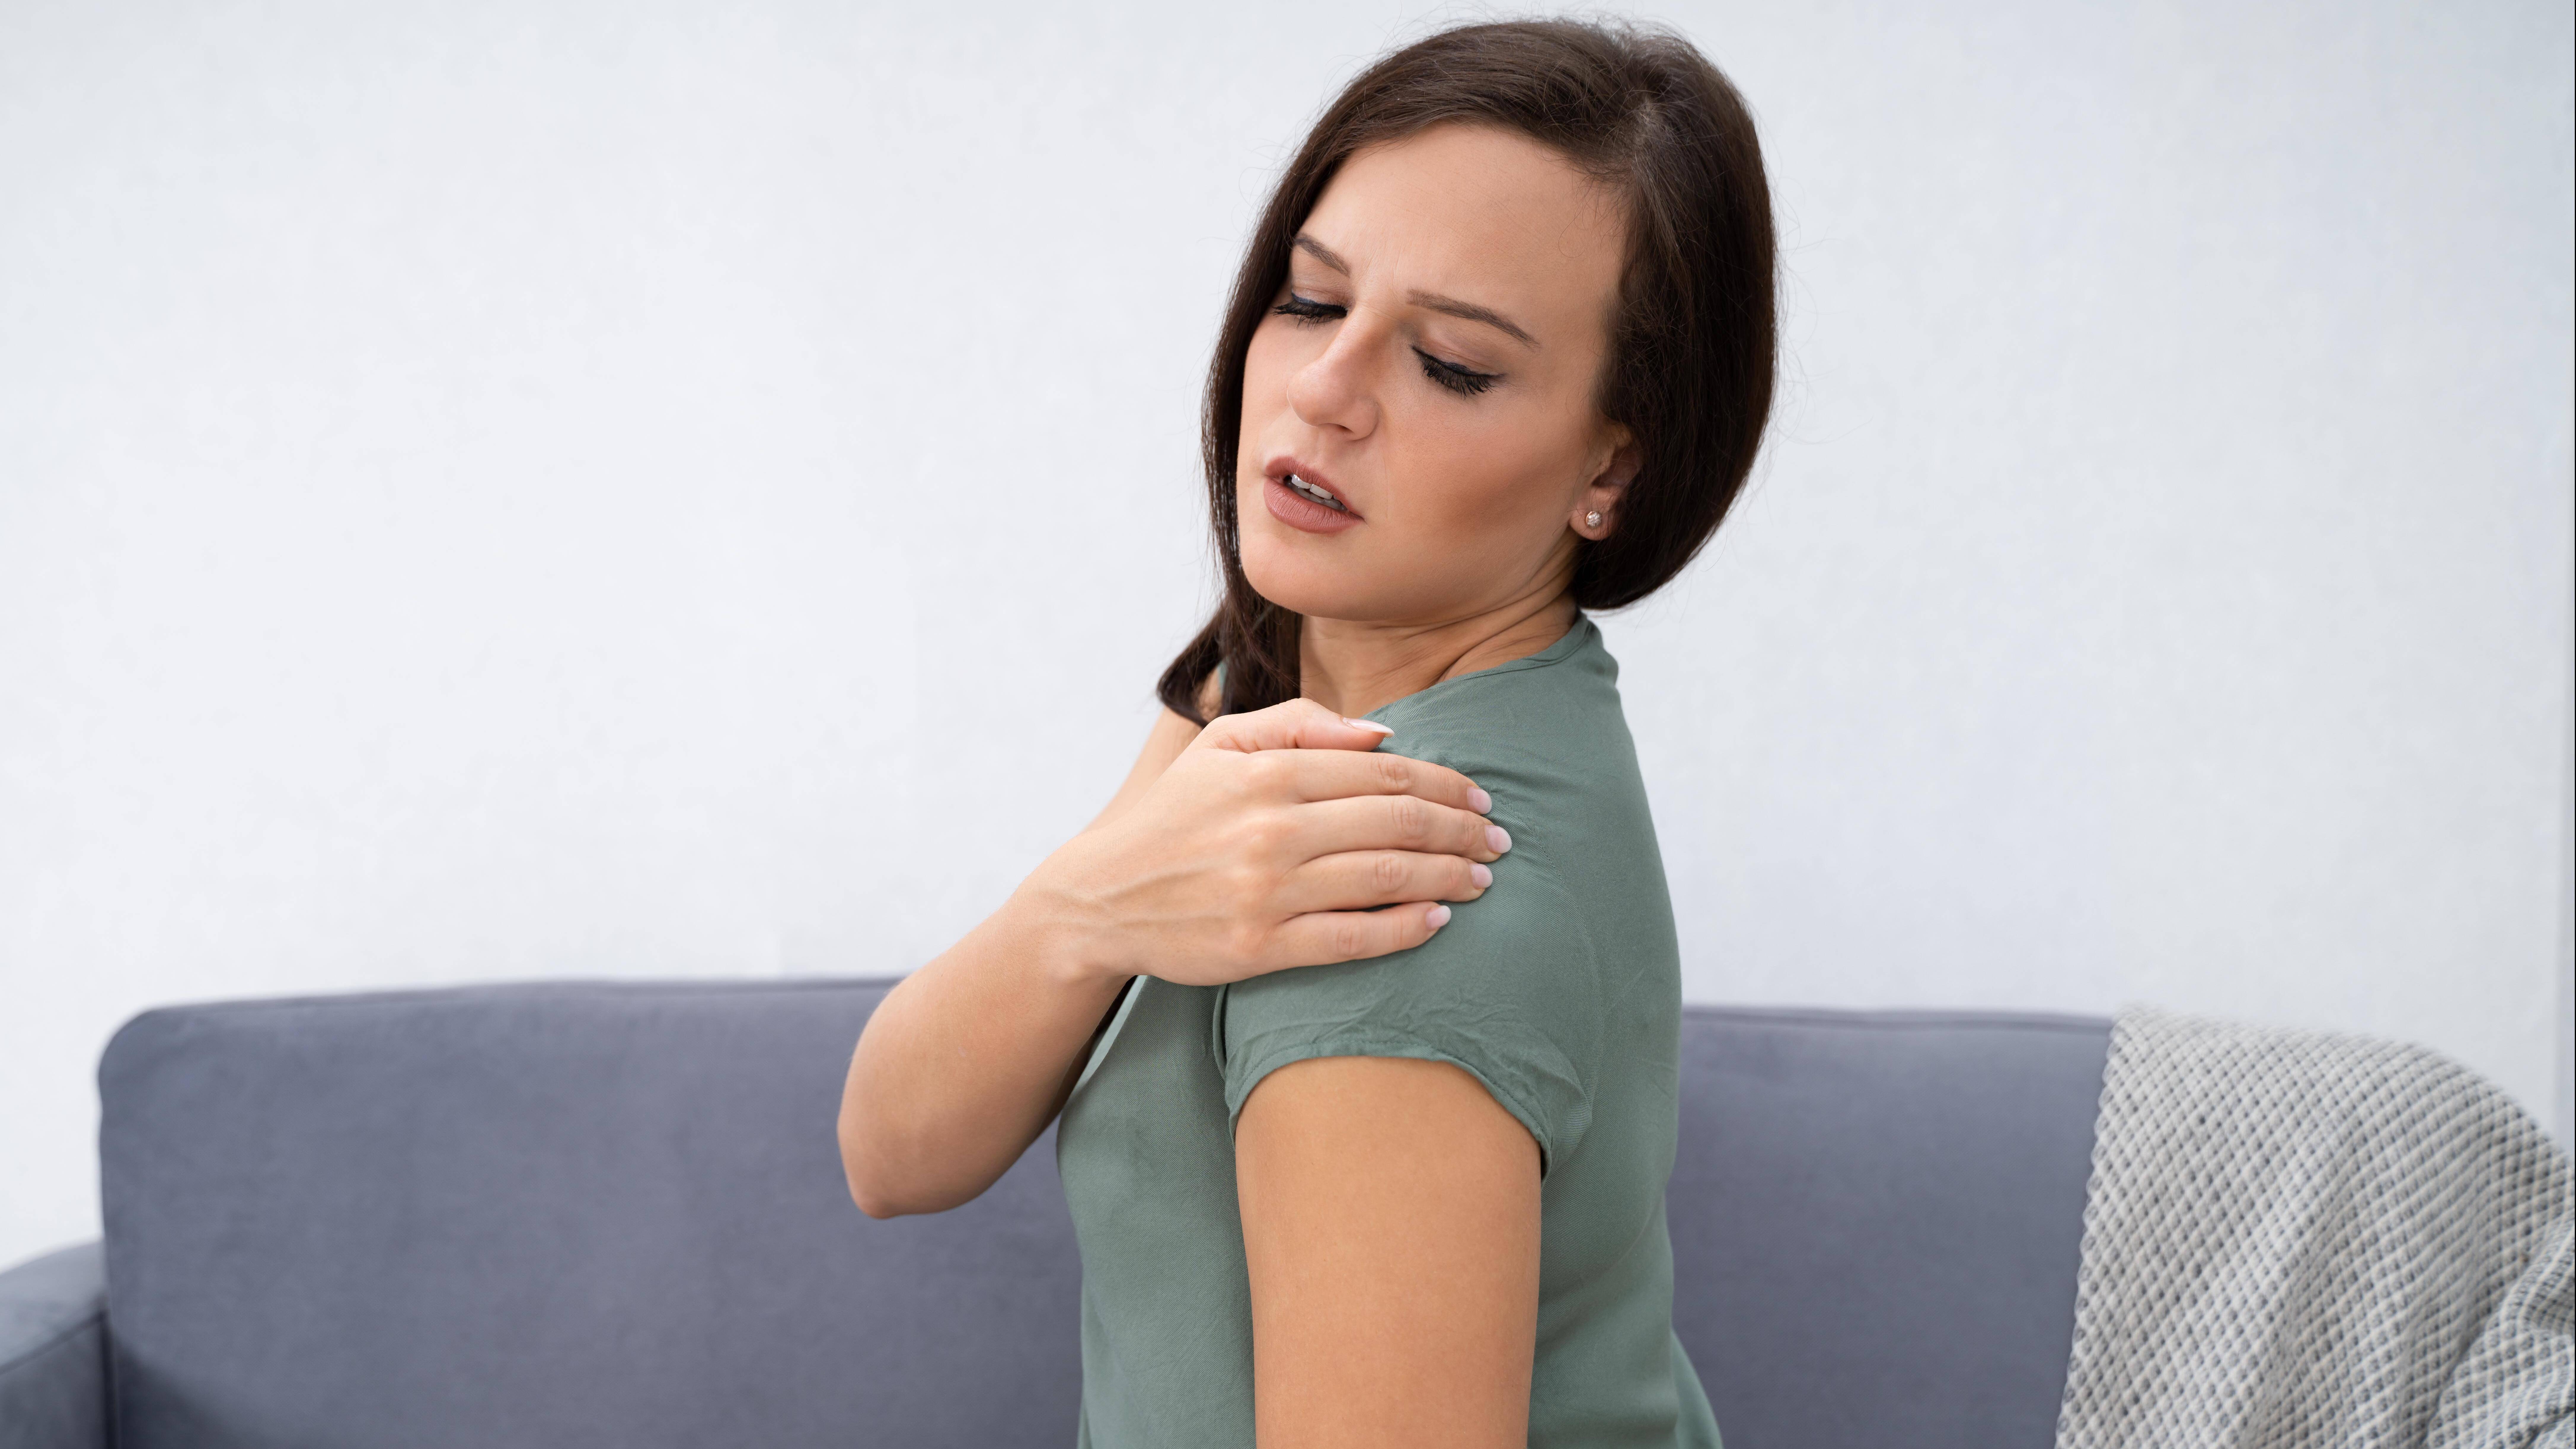 Ziehende Schmerzen im Arm: Das können mögliche Ursachen sein